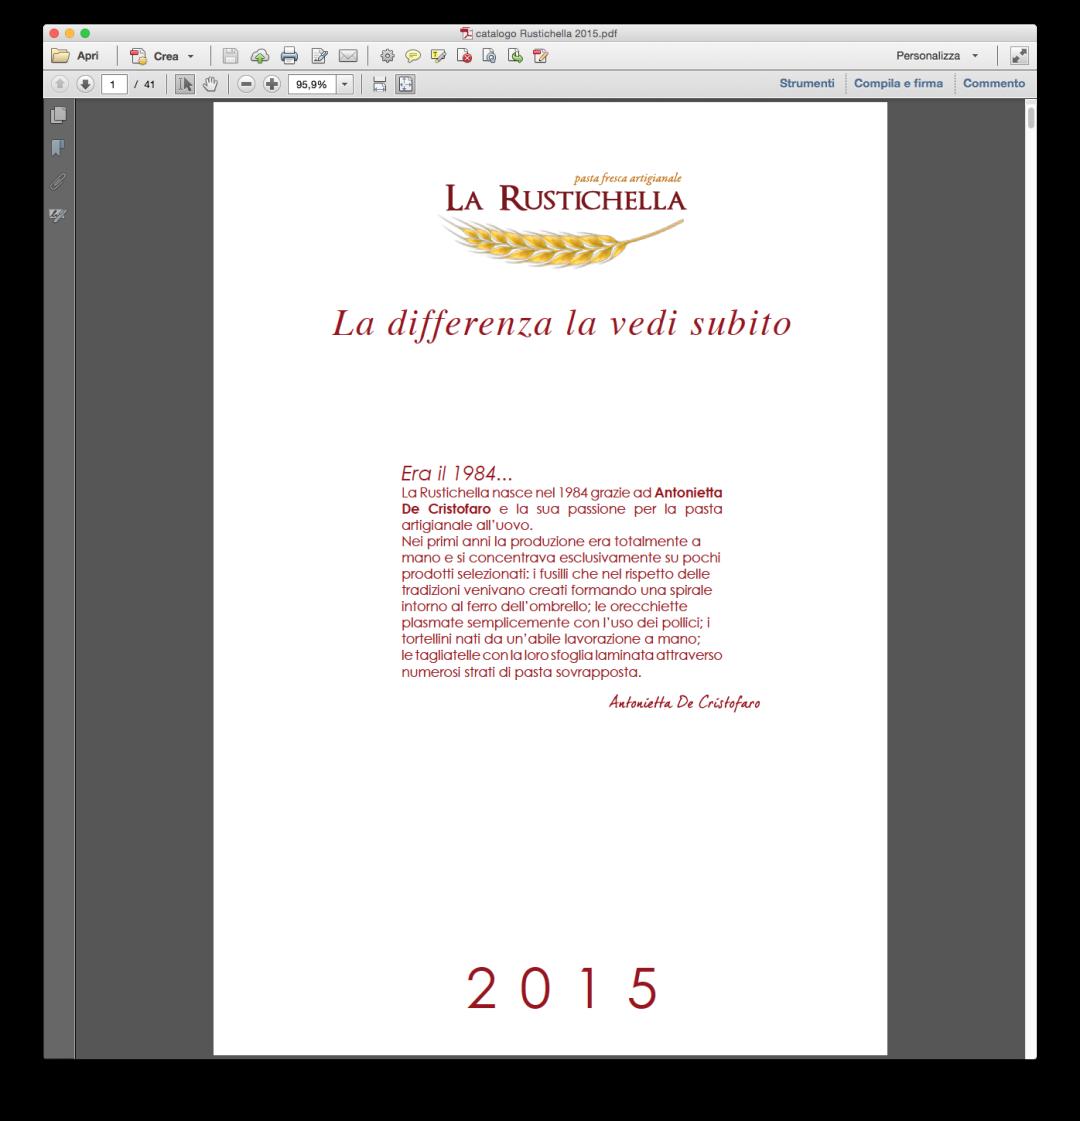 La Rustichella 2015